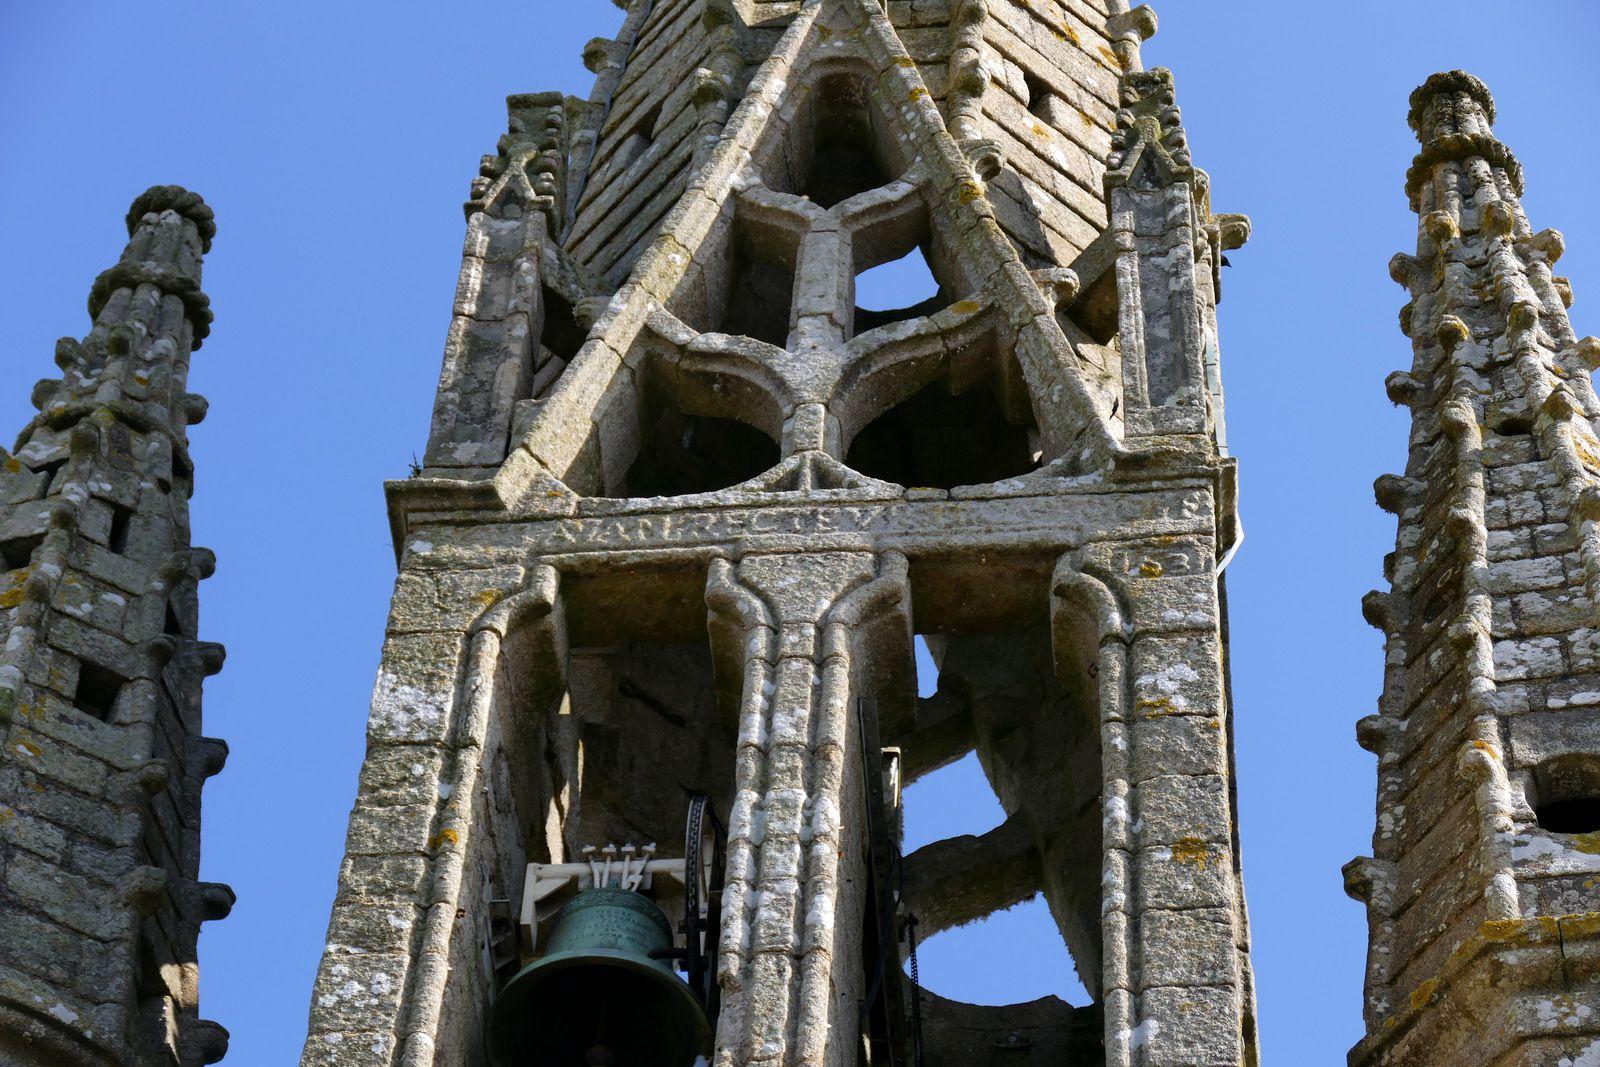 Les inscriptions lapidaires, la statuaire et les sablières  de l'église Saint-Germain de Kerlaz.